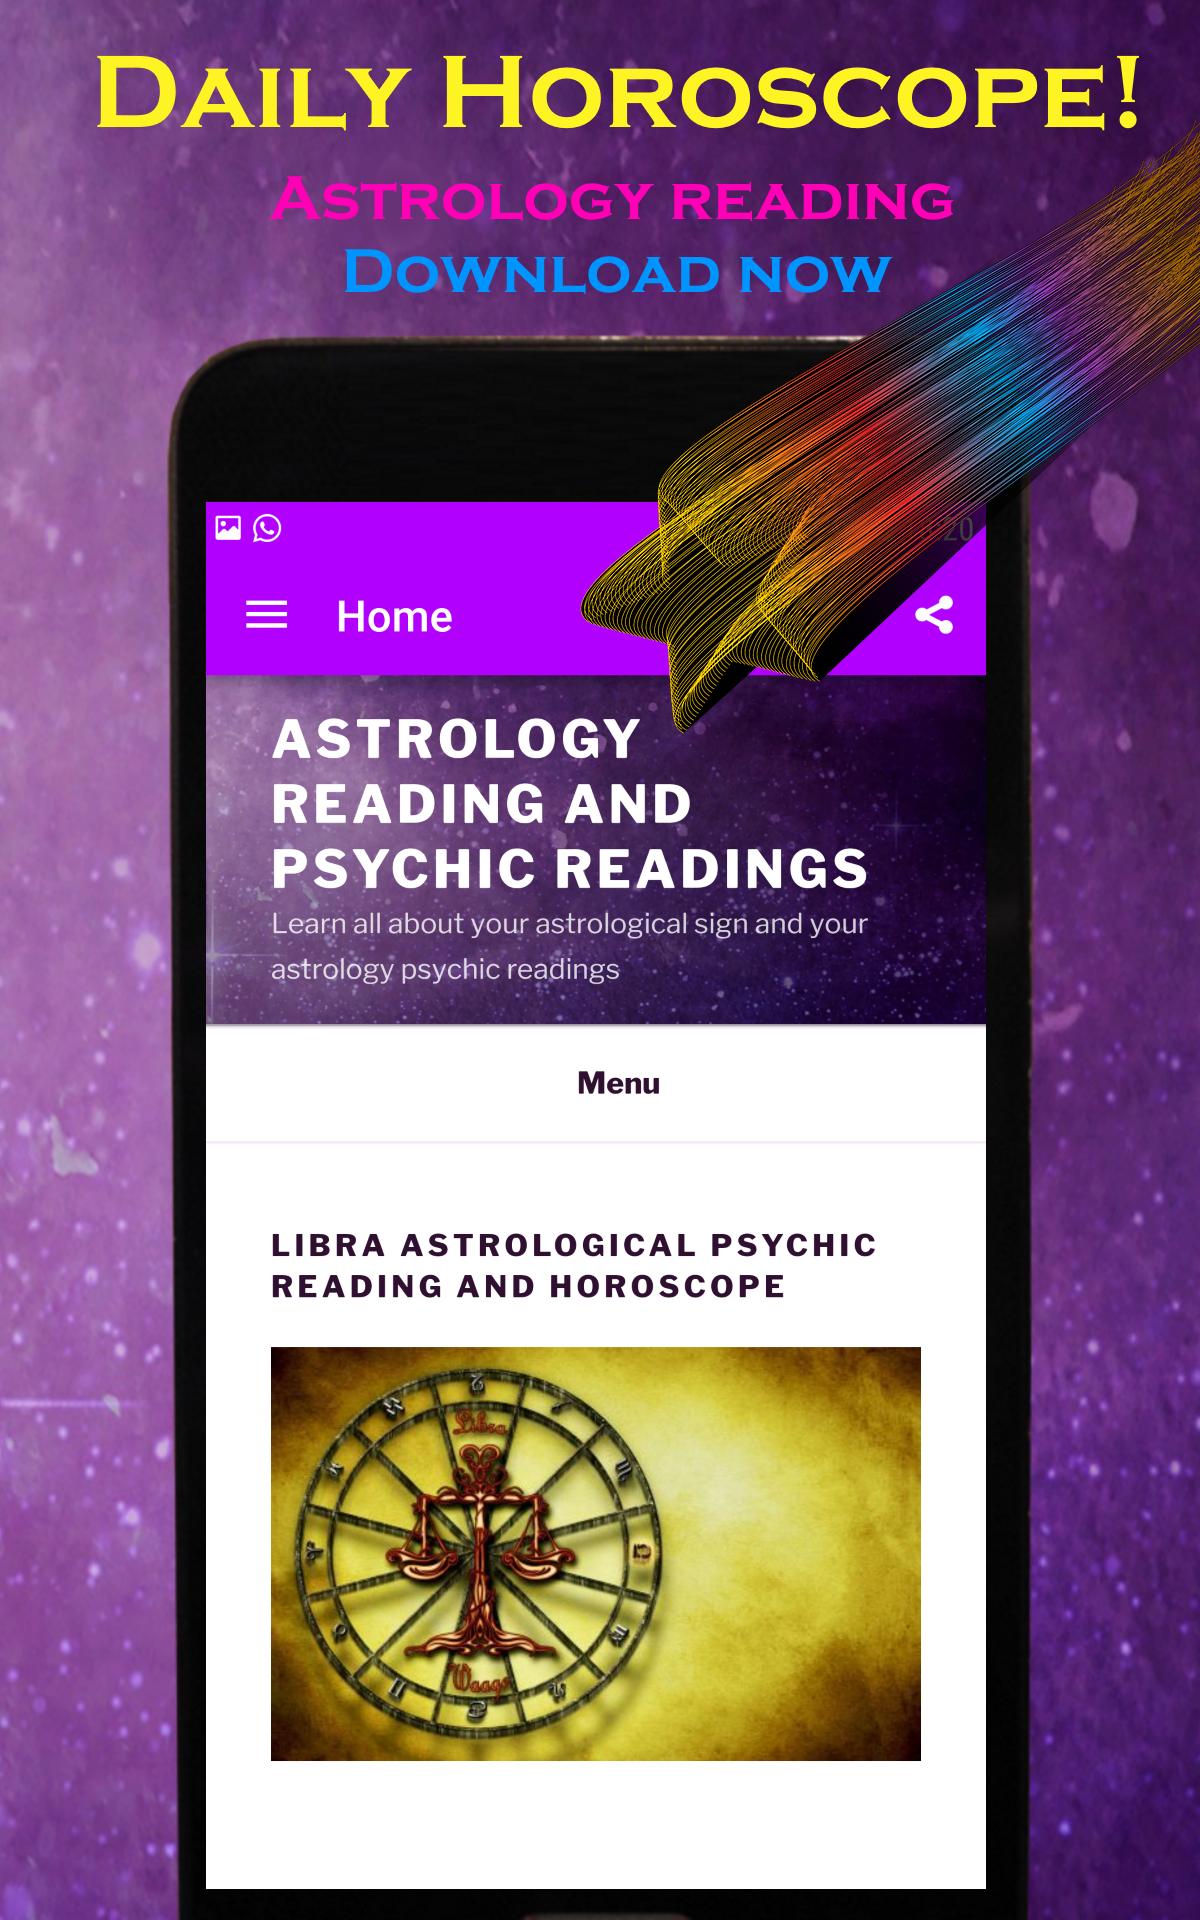 libra horoscope daily reading